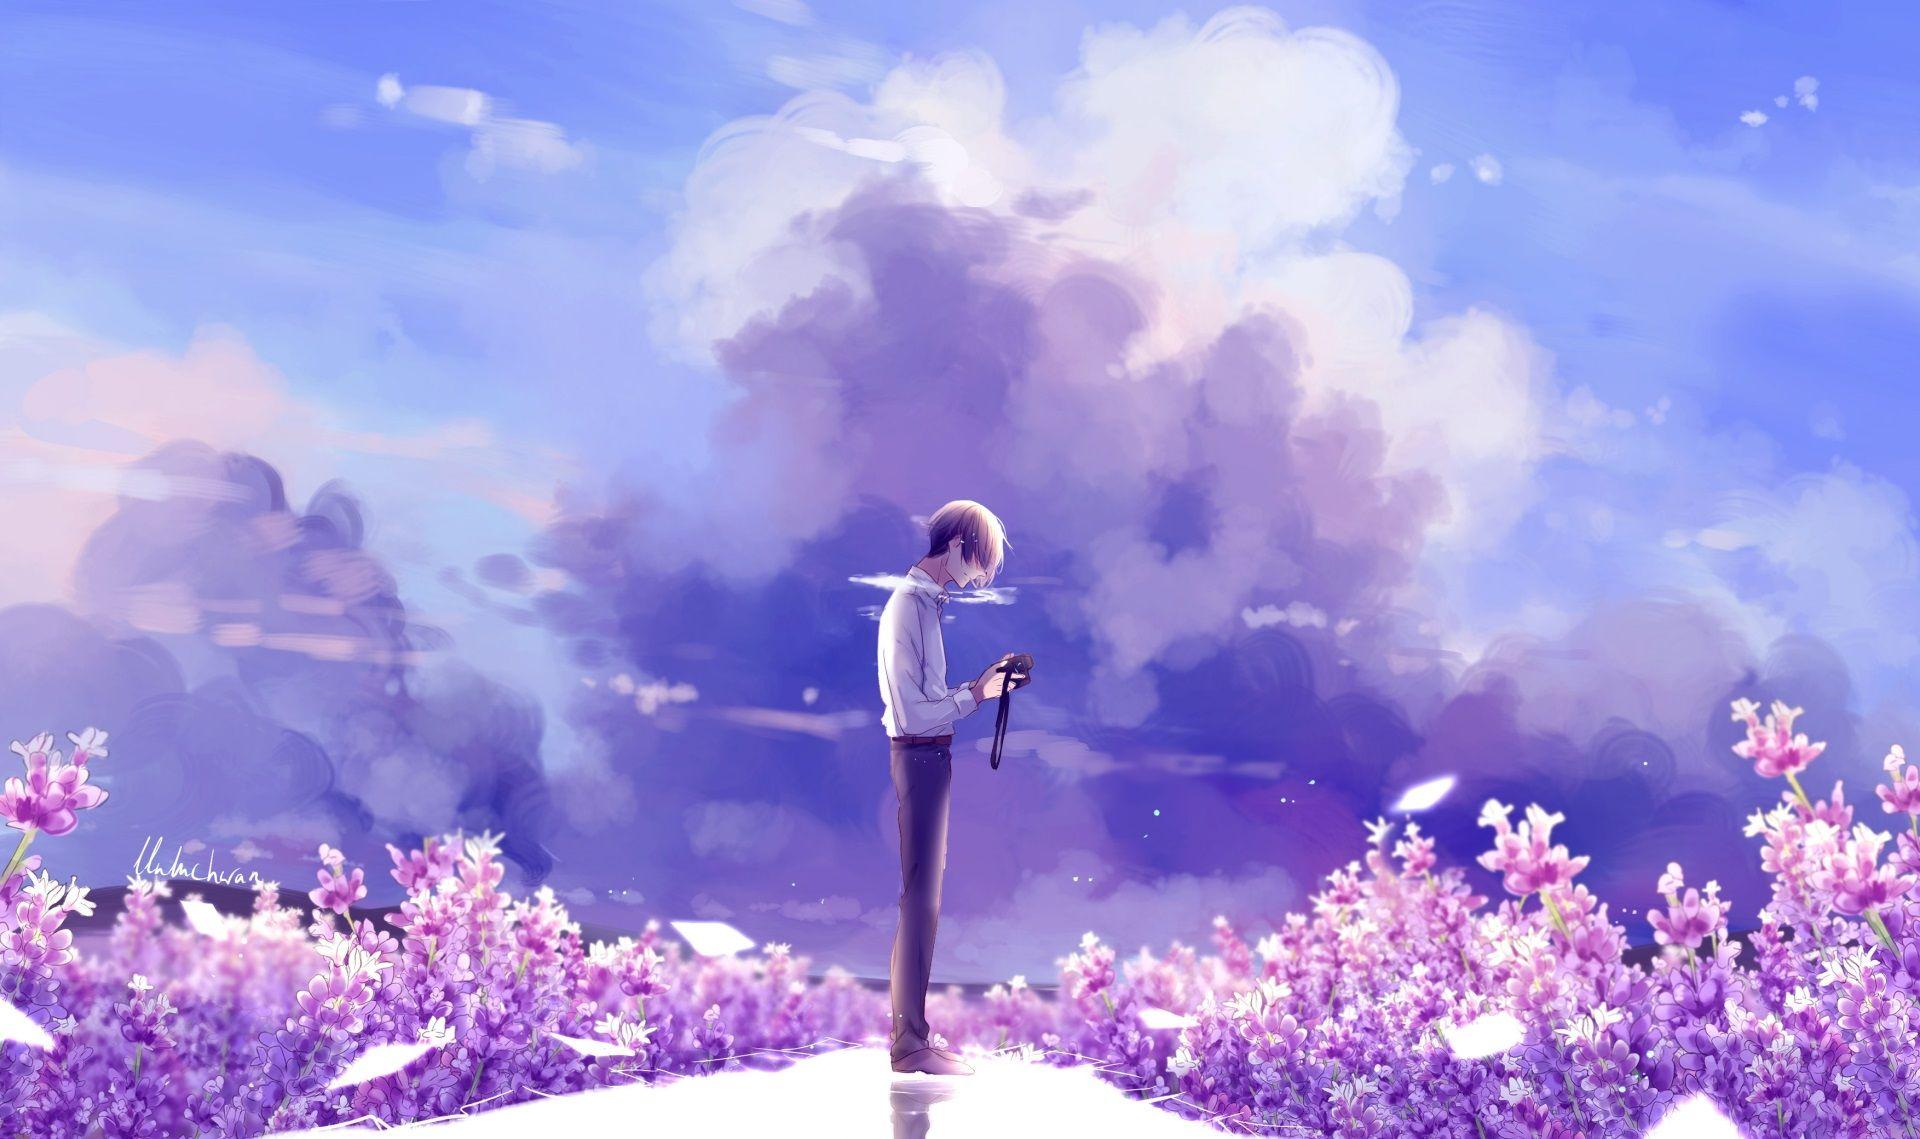 1920x1139 Anime Wallpaper For Desktop Background Anime Flower Anime Background Anime Scenery Coolest anime flower wallpaper